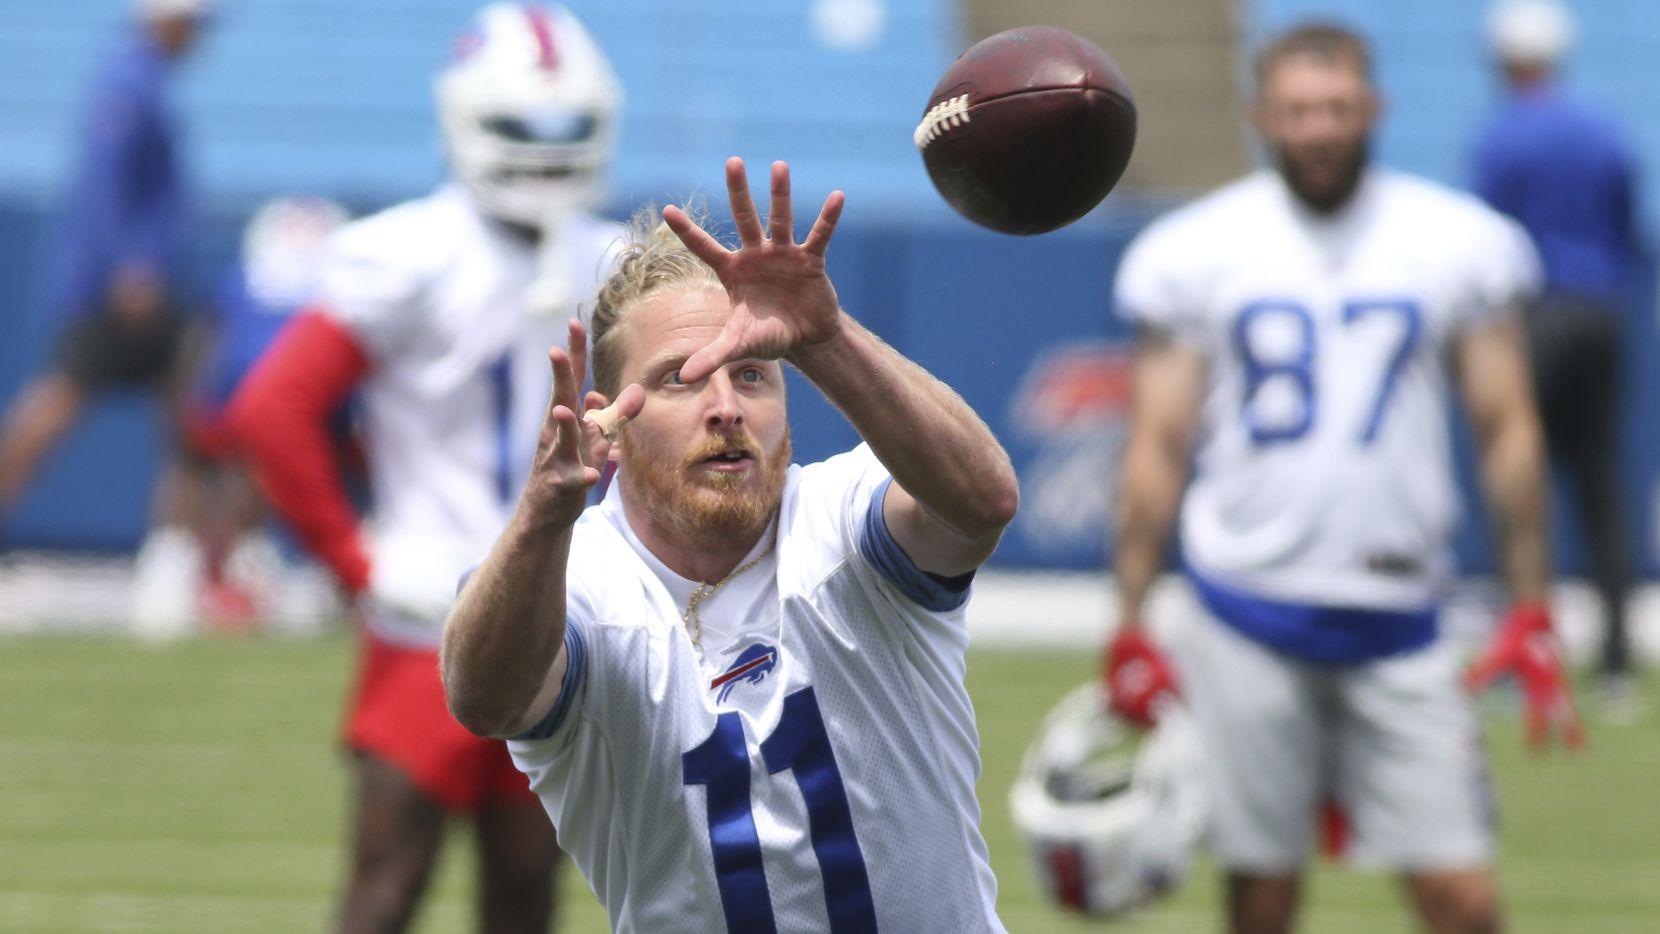 El receptor de los Bills de Buffalo, Cole Beasley, realiza una atrapada durante una práctica de su equipo, el 2 de junio de 2021.